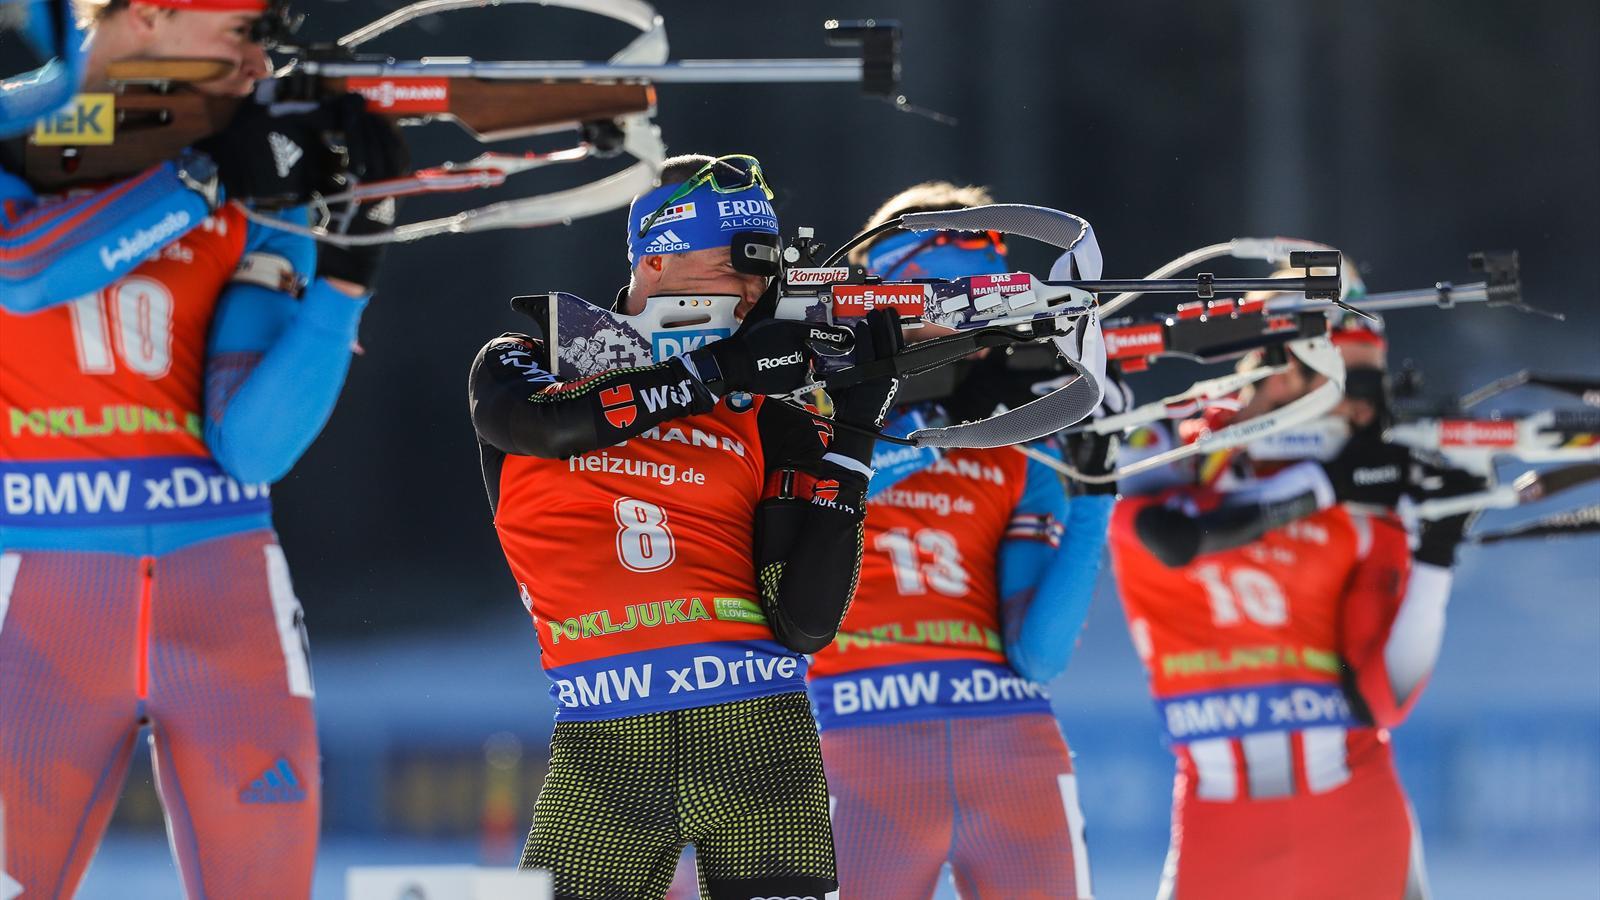 Biathlon Weltcup - Biathlon - Eurosport Deutschland